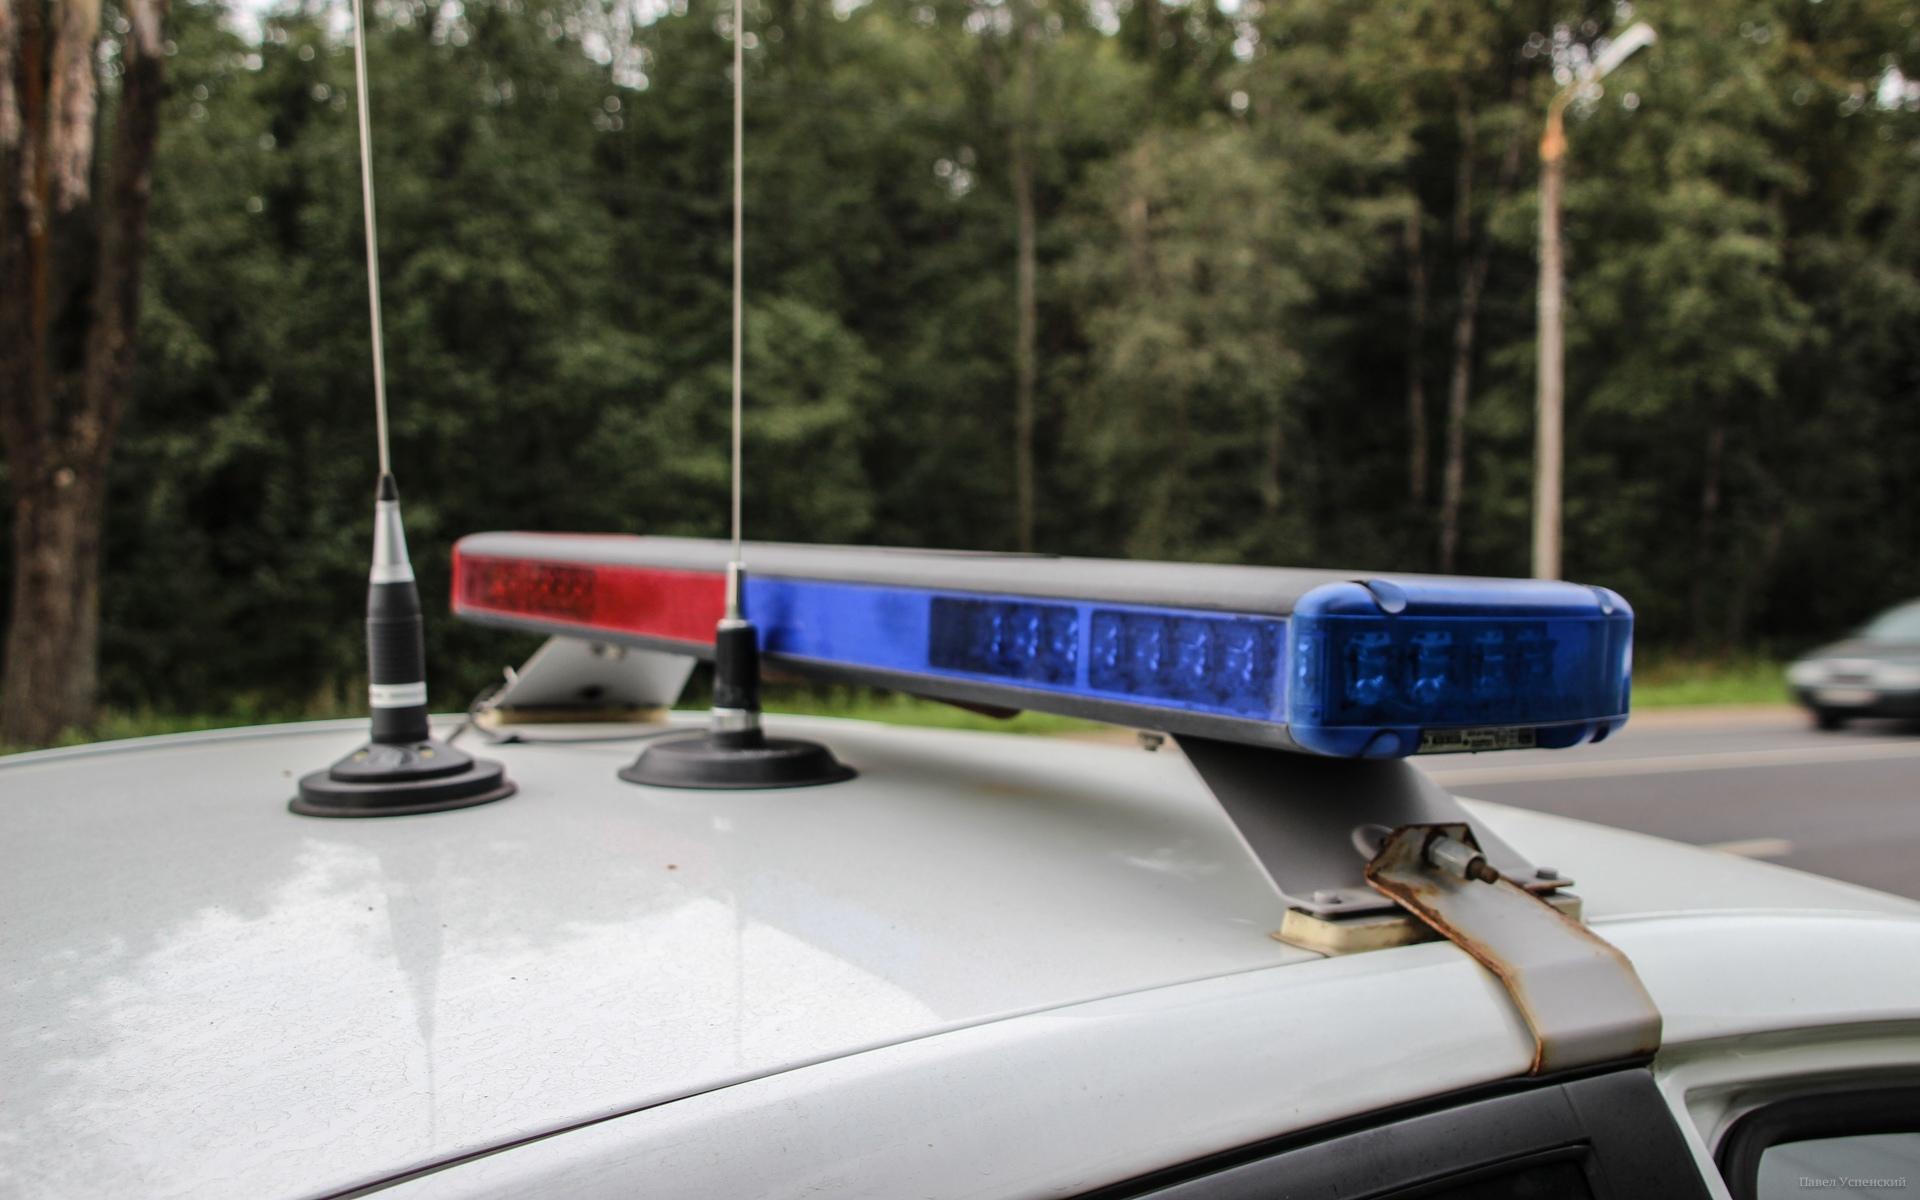 В Тверской области разыскивают водителя, который насмерть сбил пешехода и скрылся с места ДТП - новости Афанасий